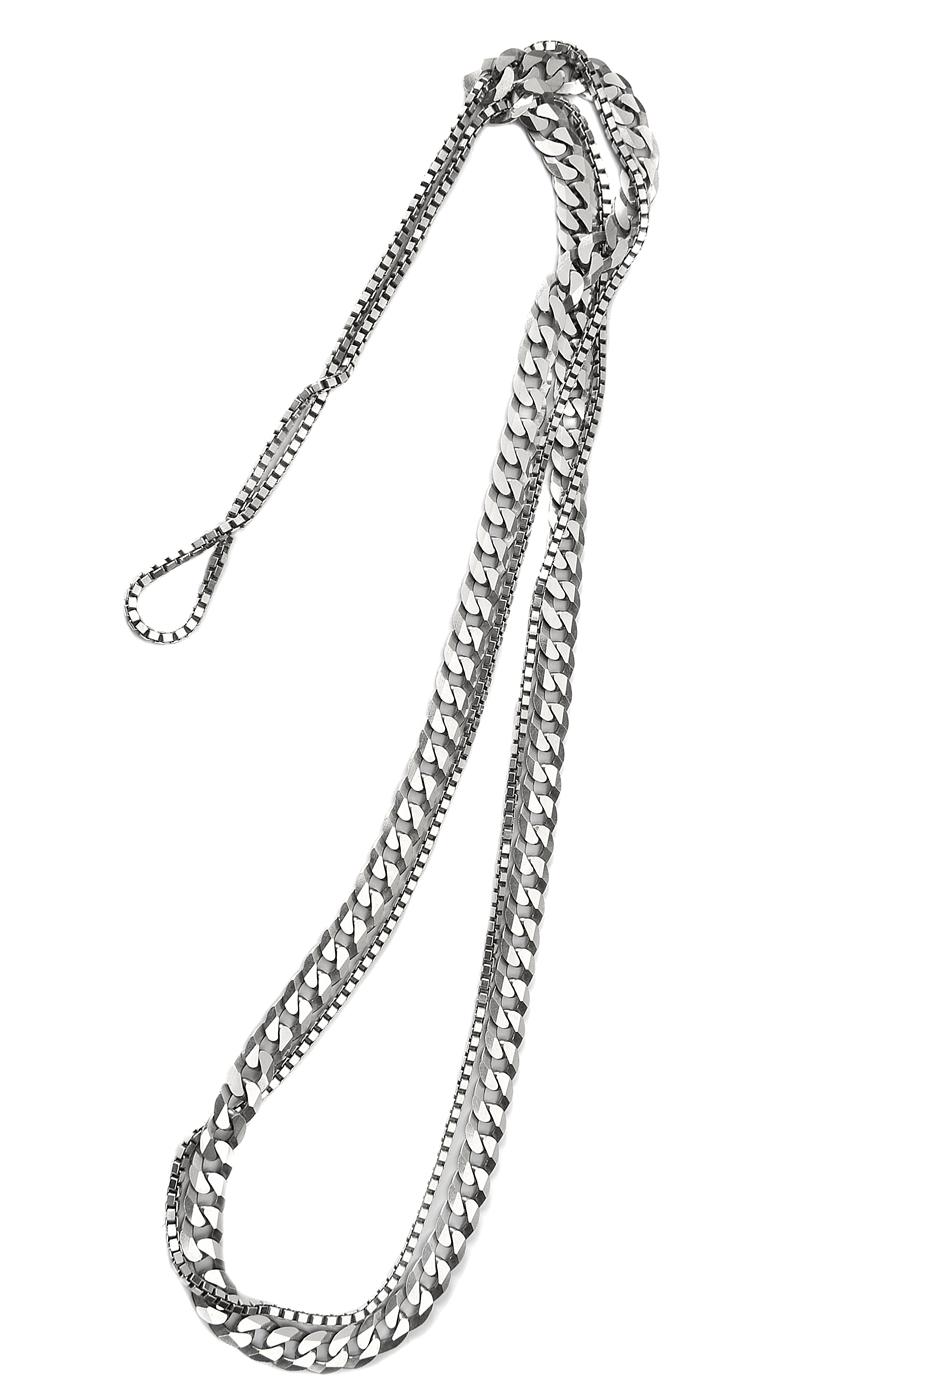 Adeline Cacheux Jewelry Design Sautoir Chaîne Gourmette Argent